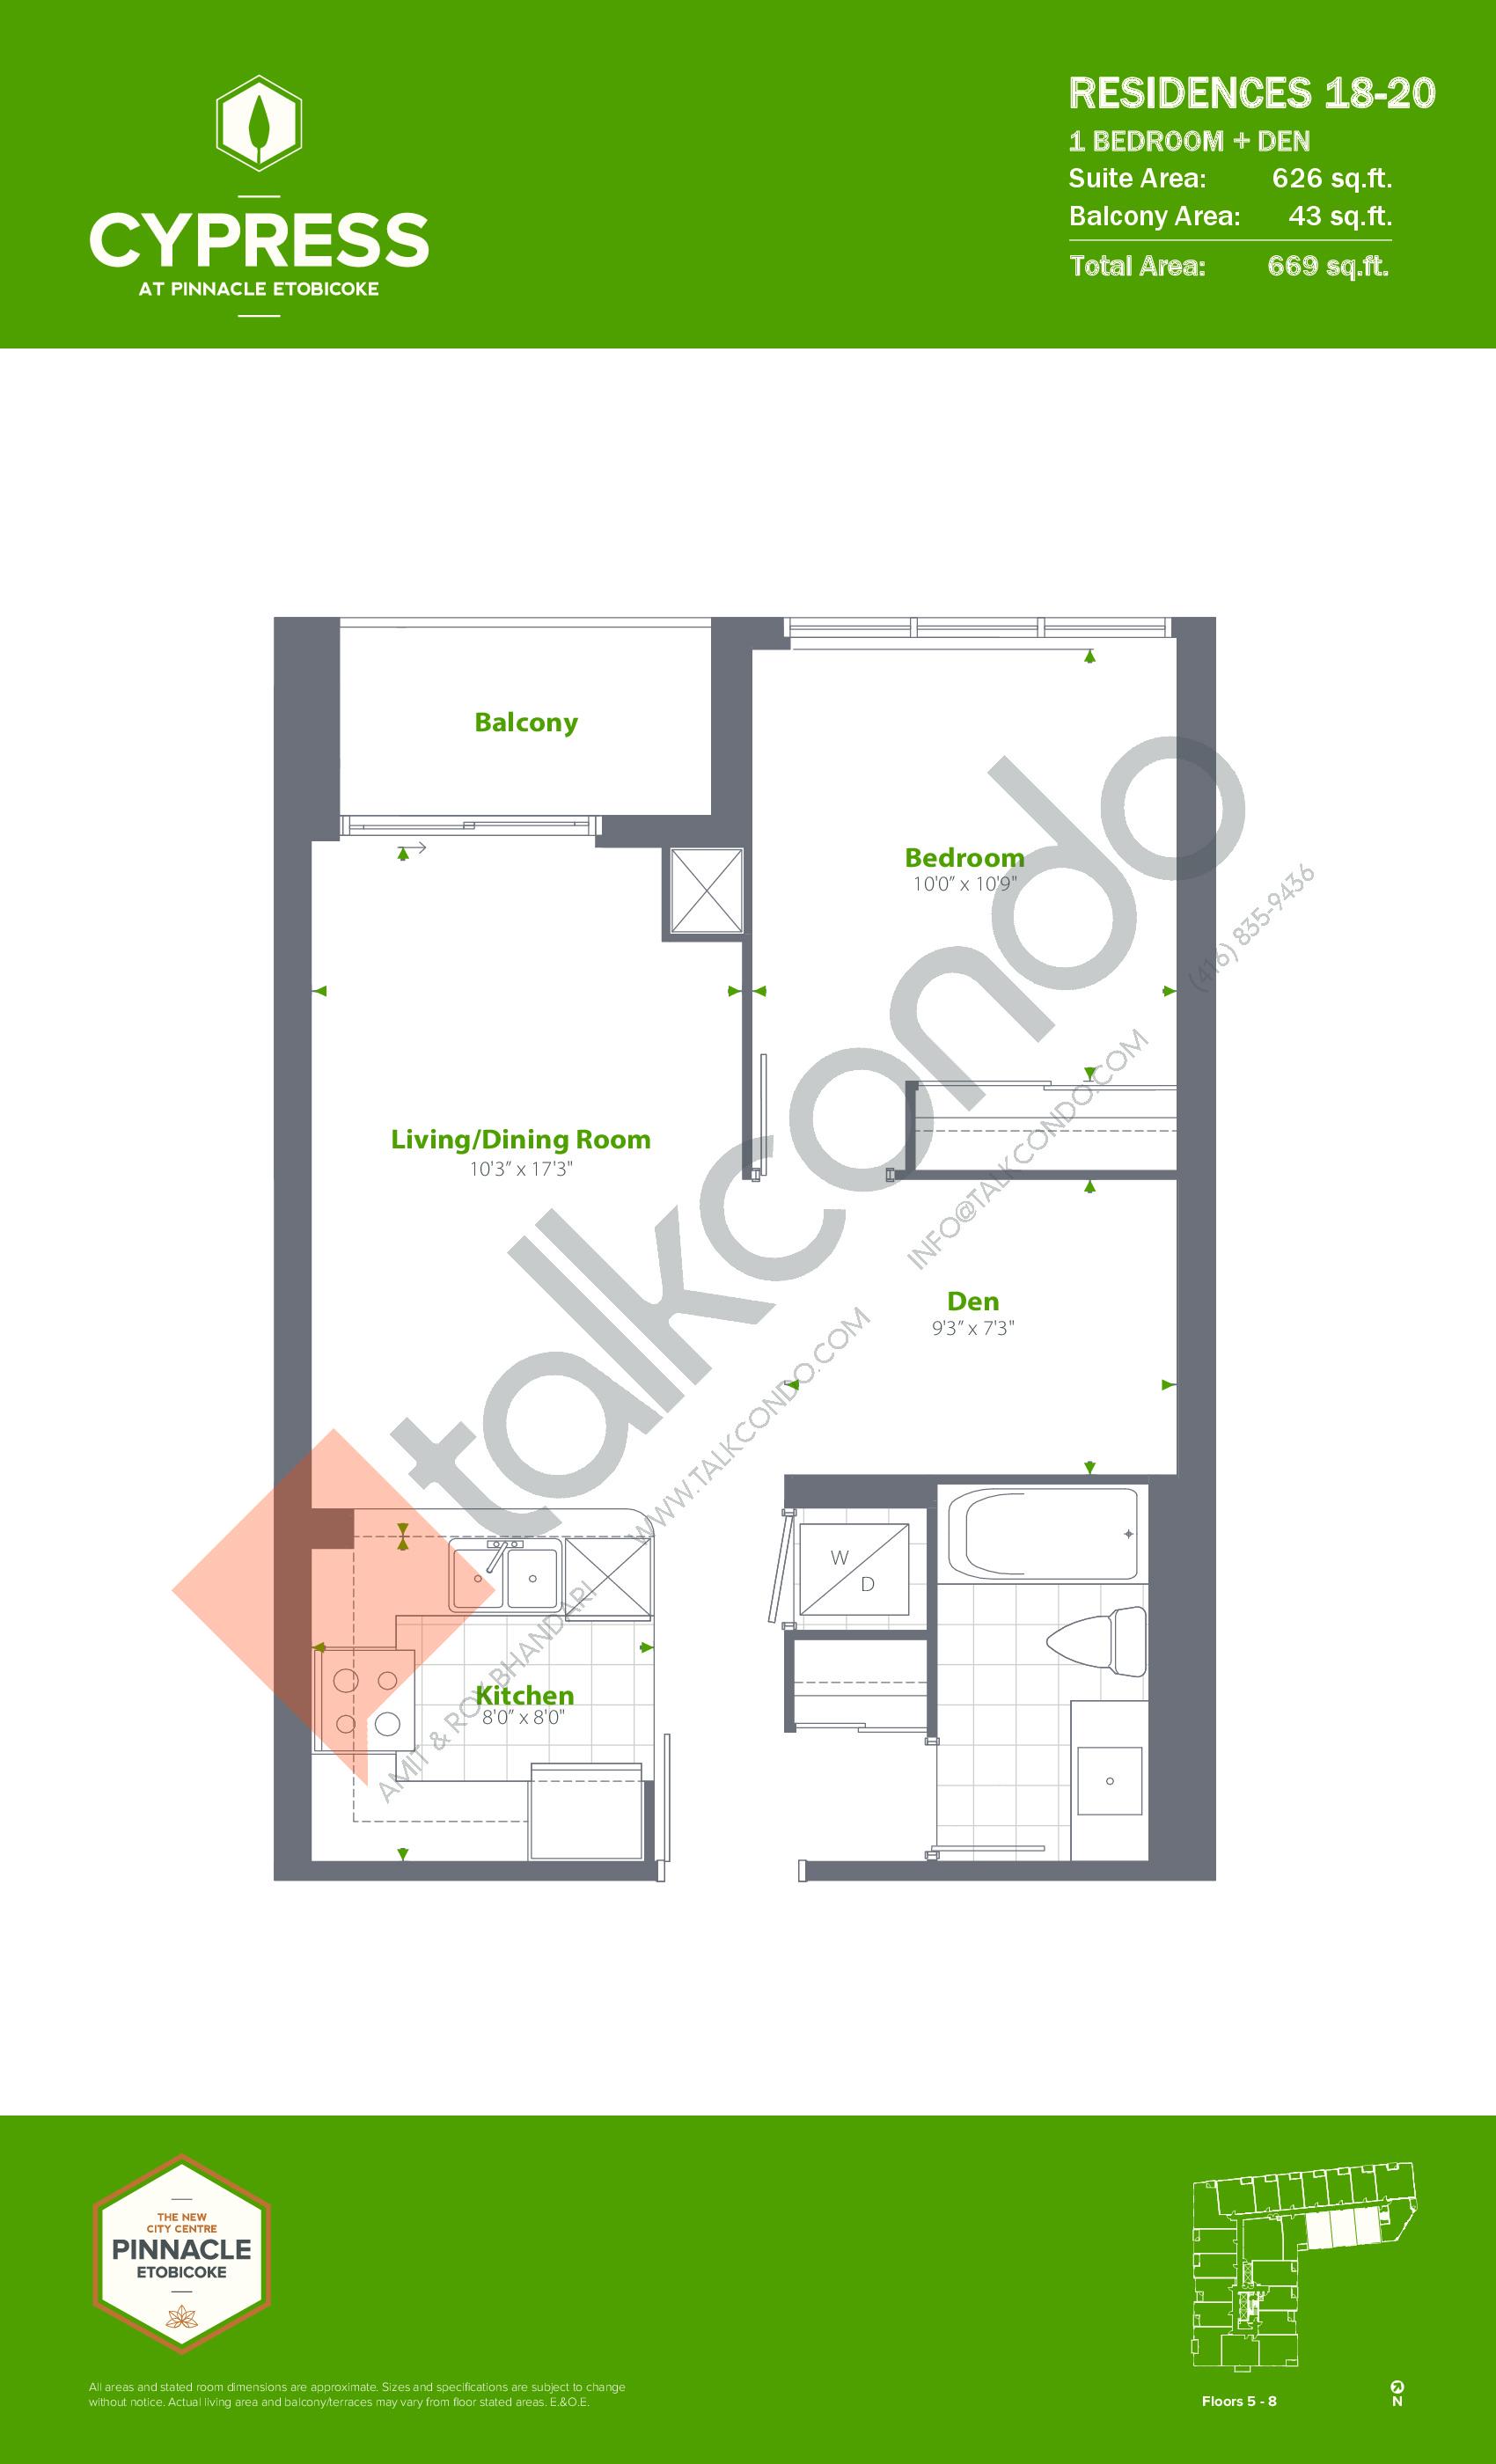 Residence 18-20 Floor Plan at Cypress at Pinnacle Etobicoke - 626 sq.ft